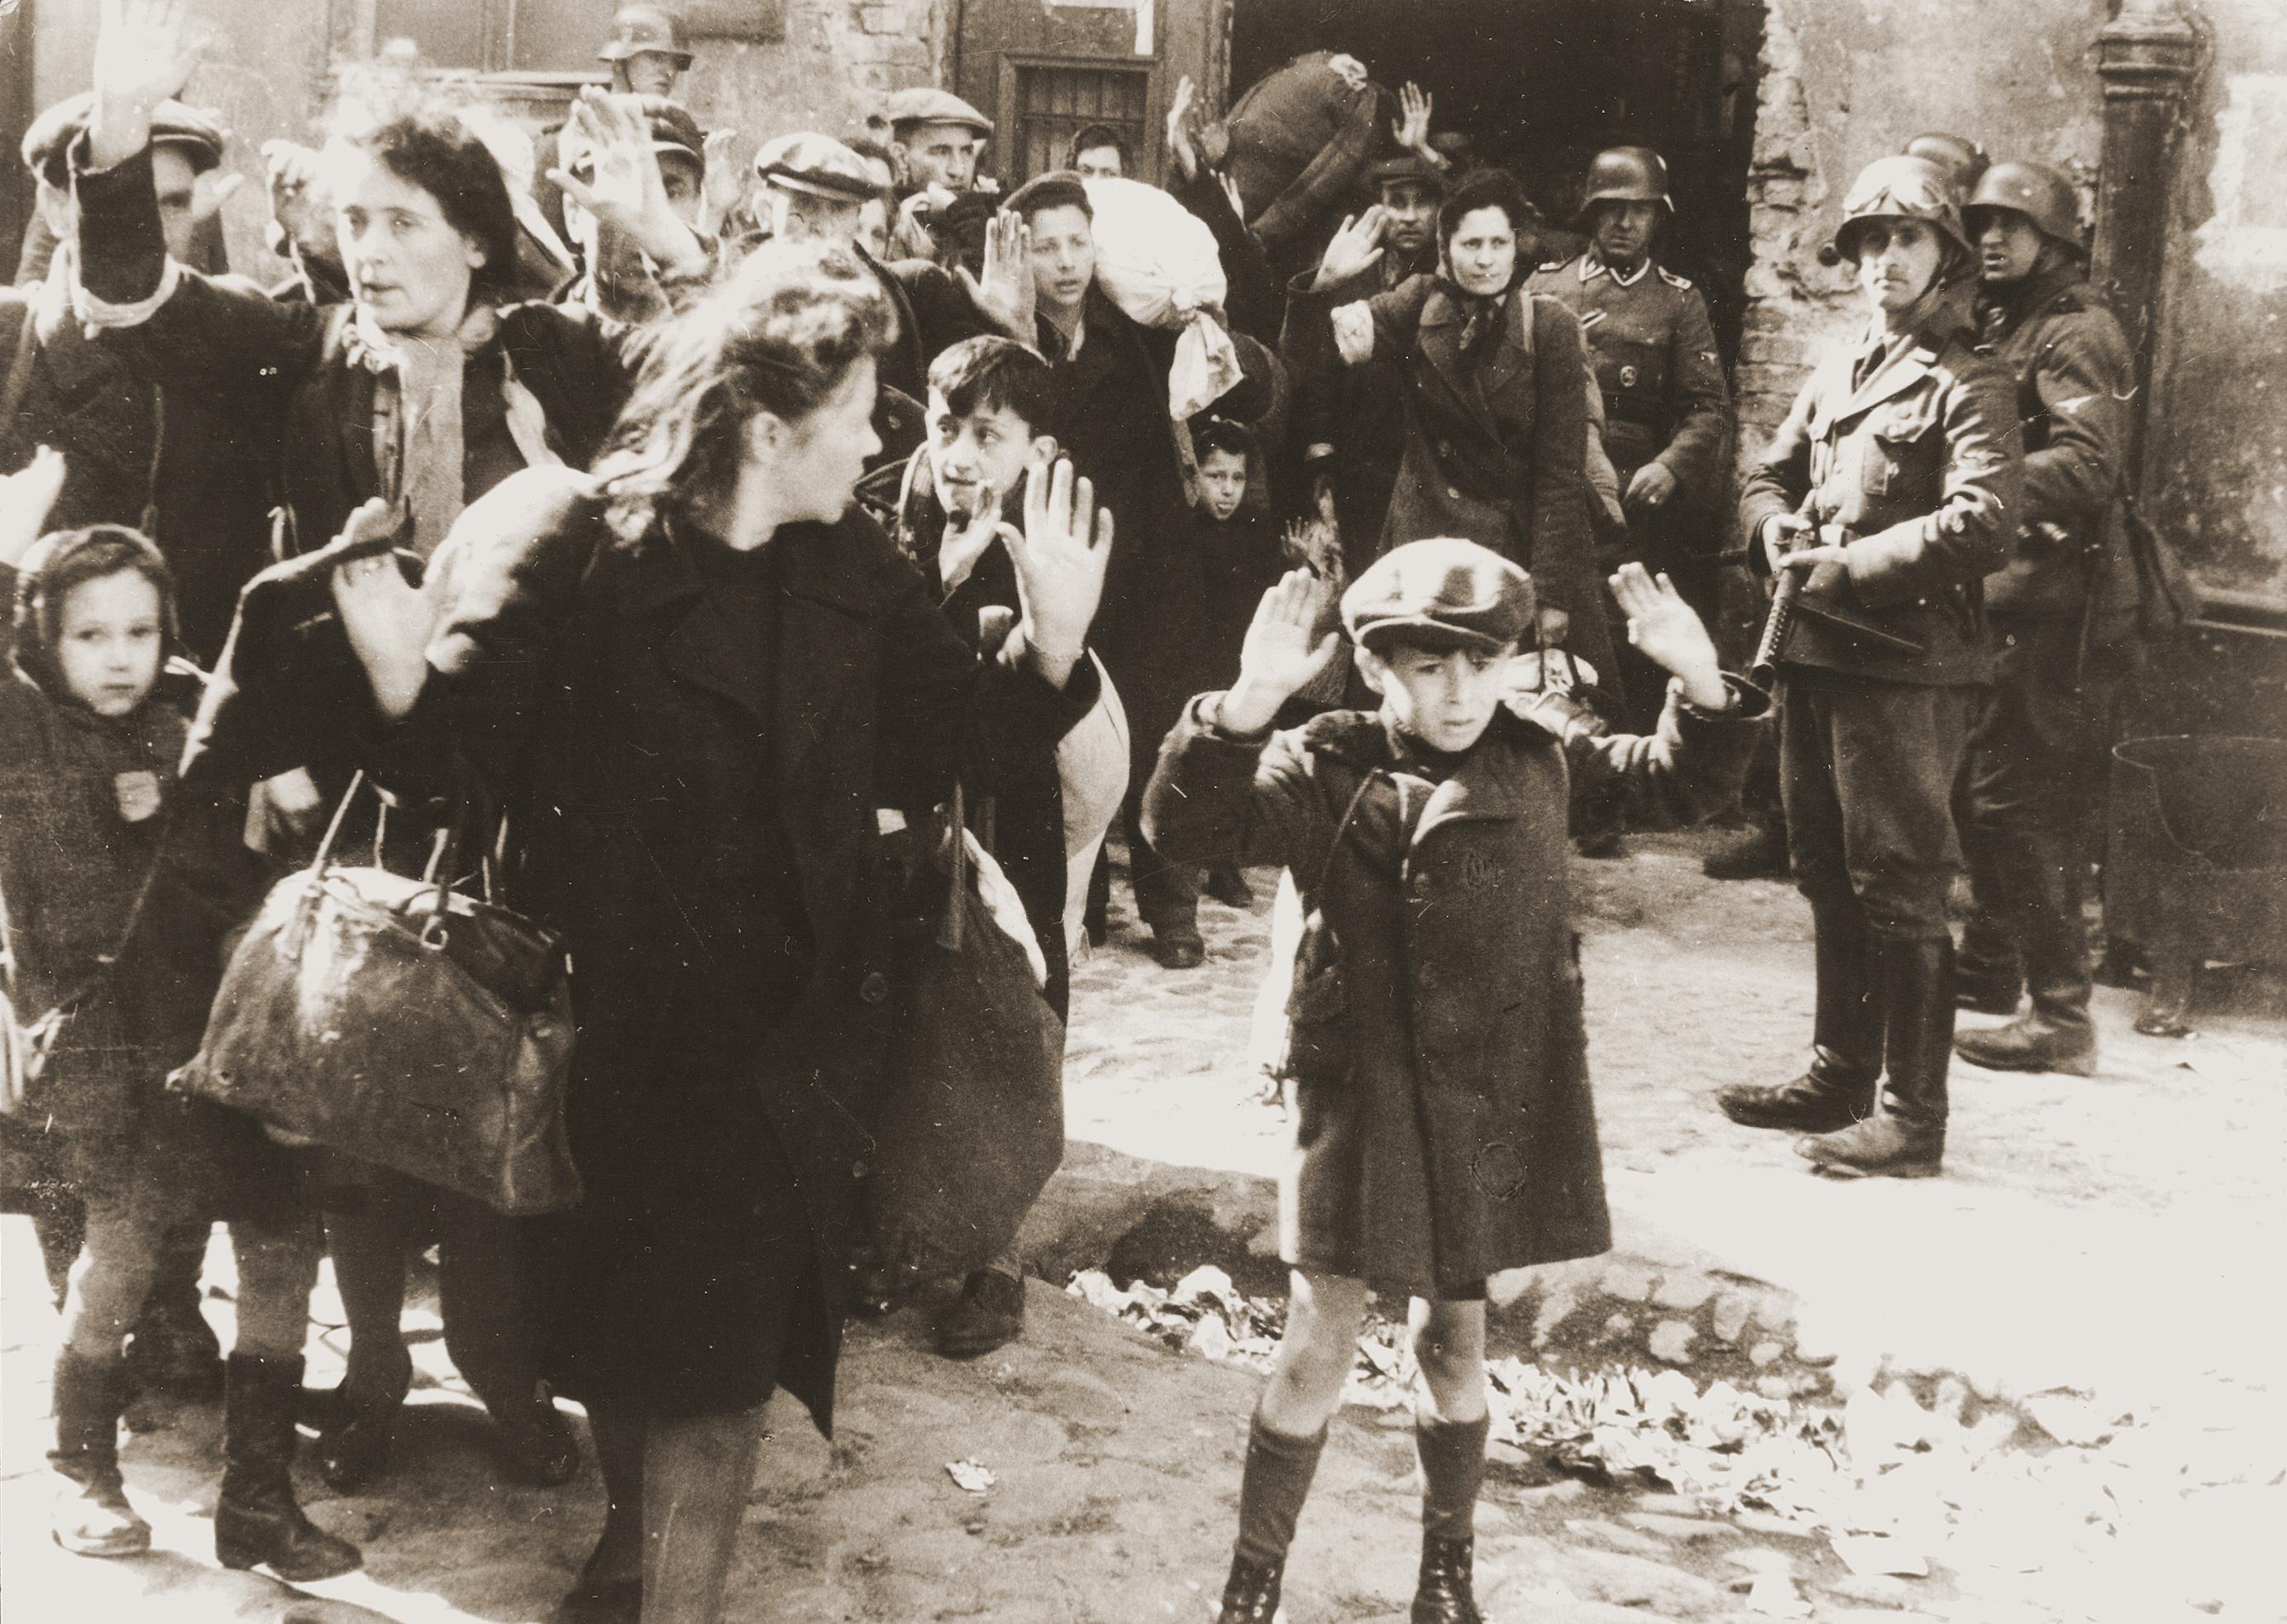 Soulèvement du ghetto de Varsovie